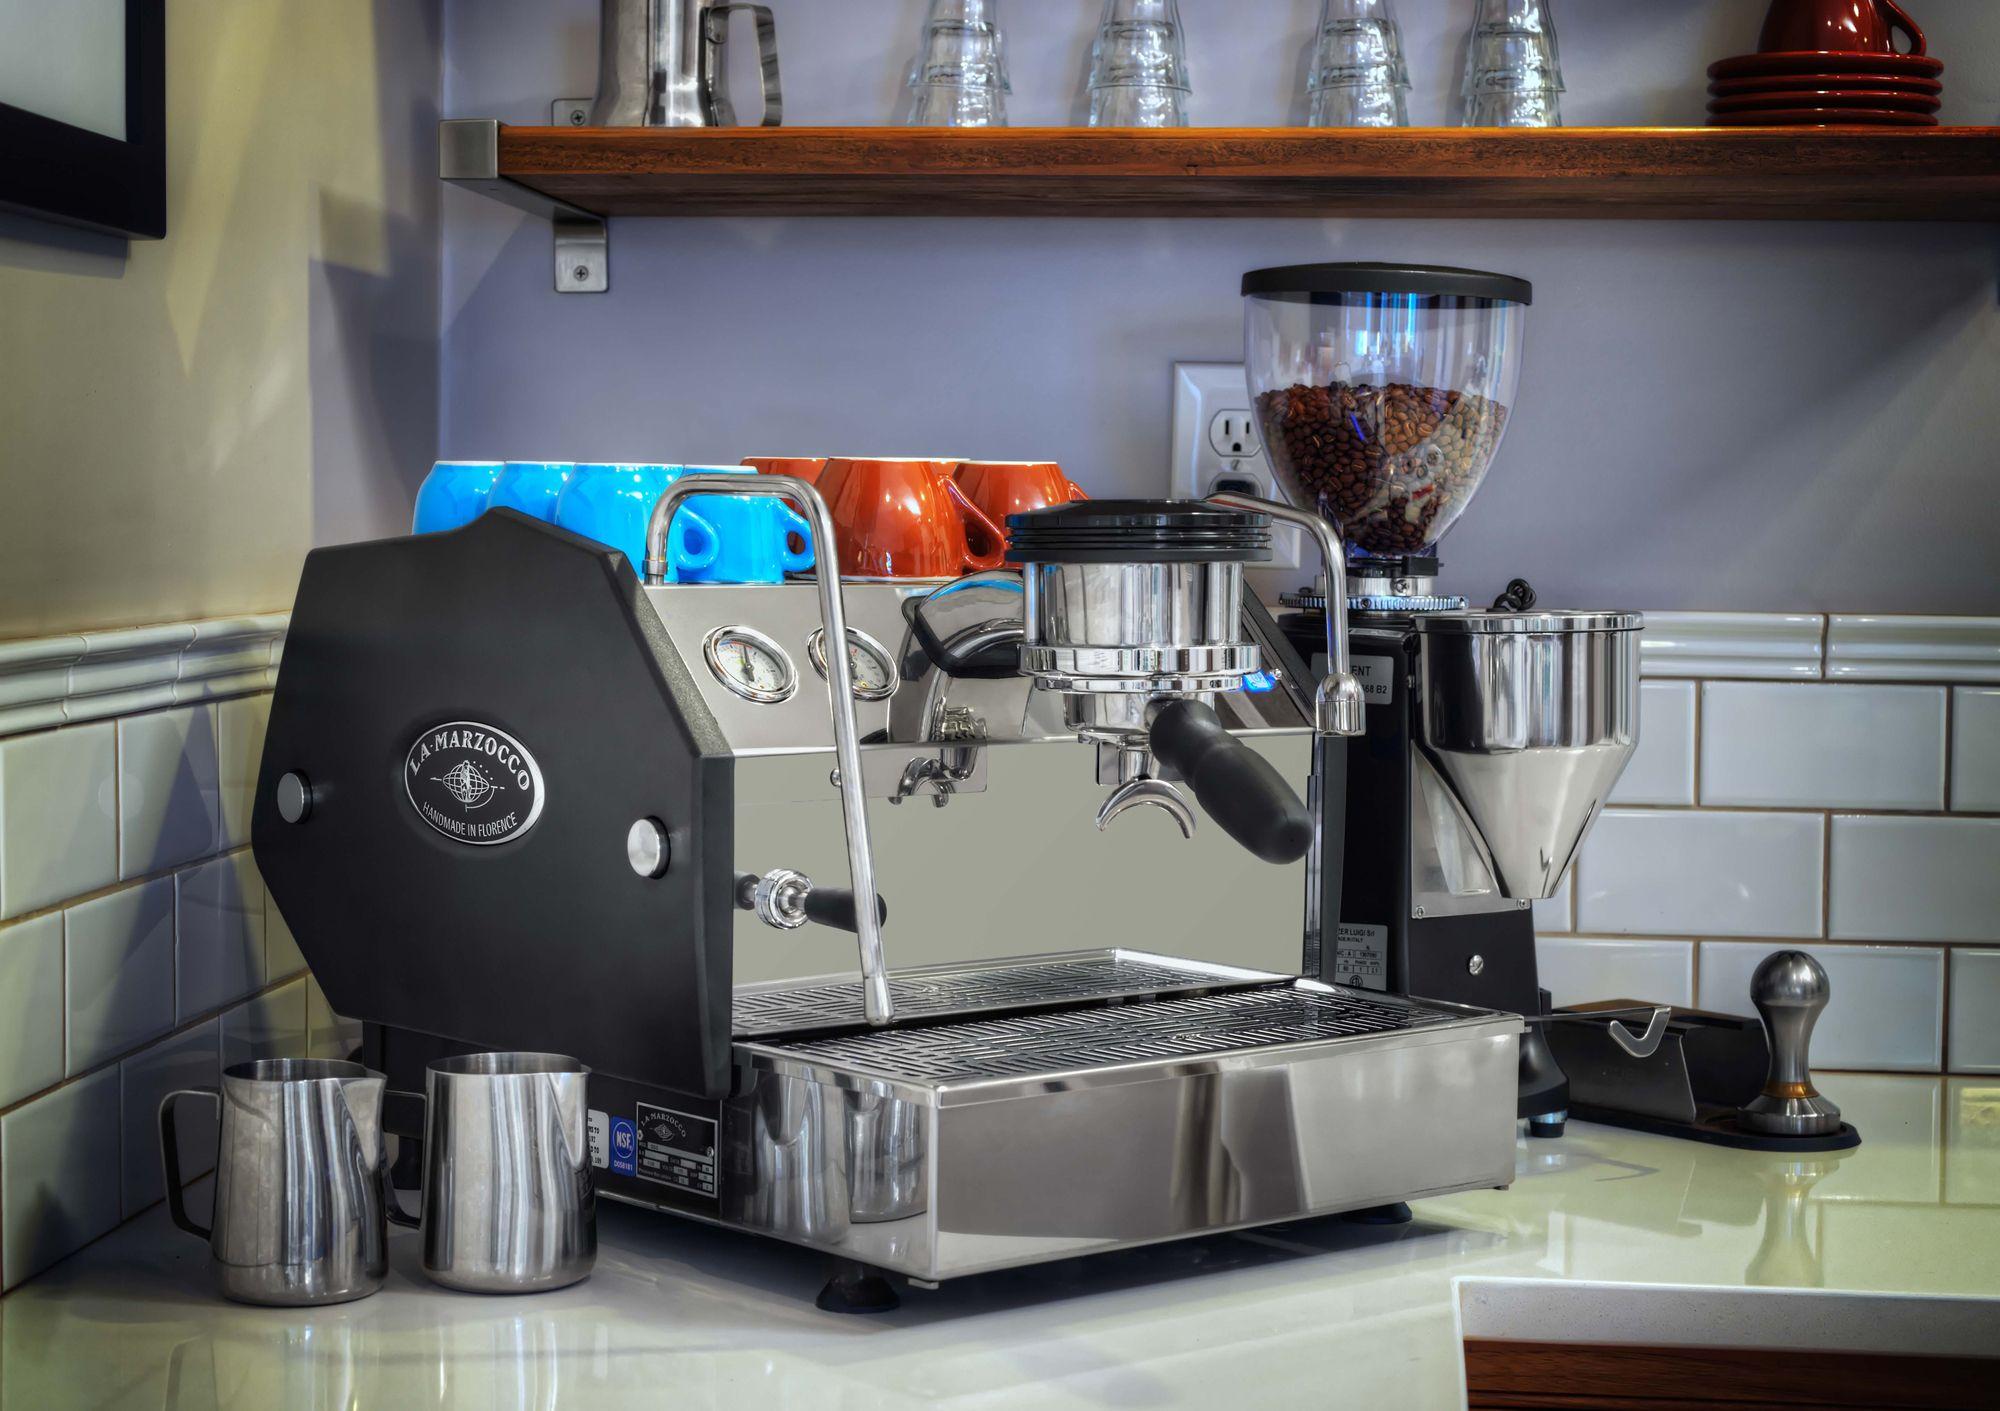 La Marzocco gs/3 espresso machine